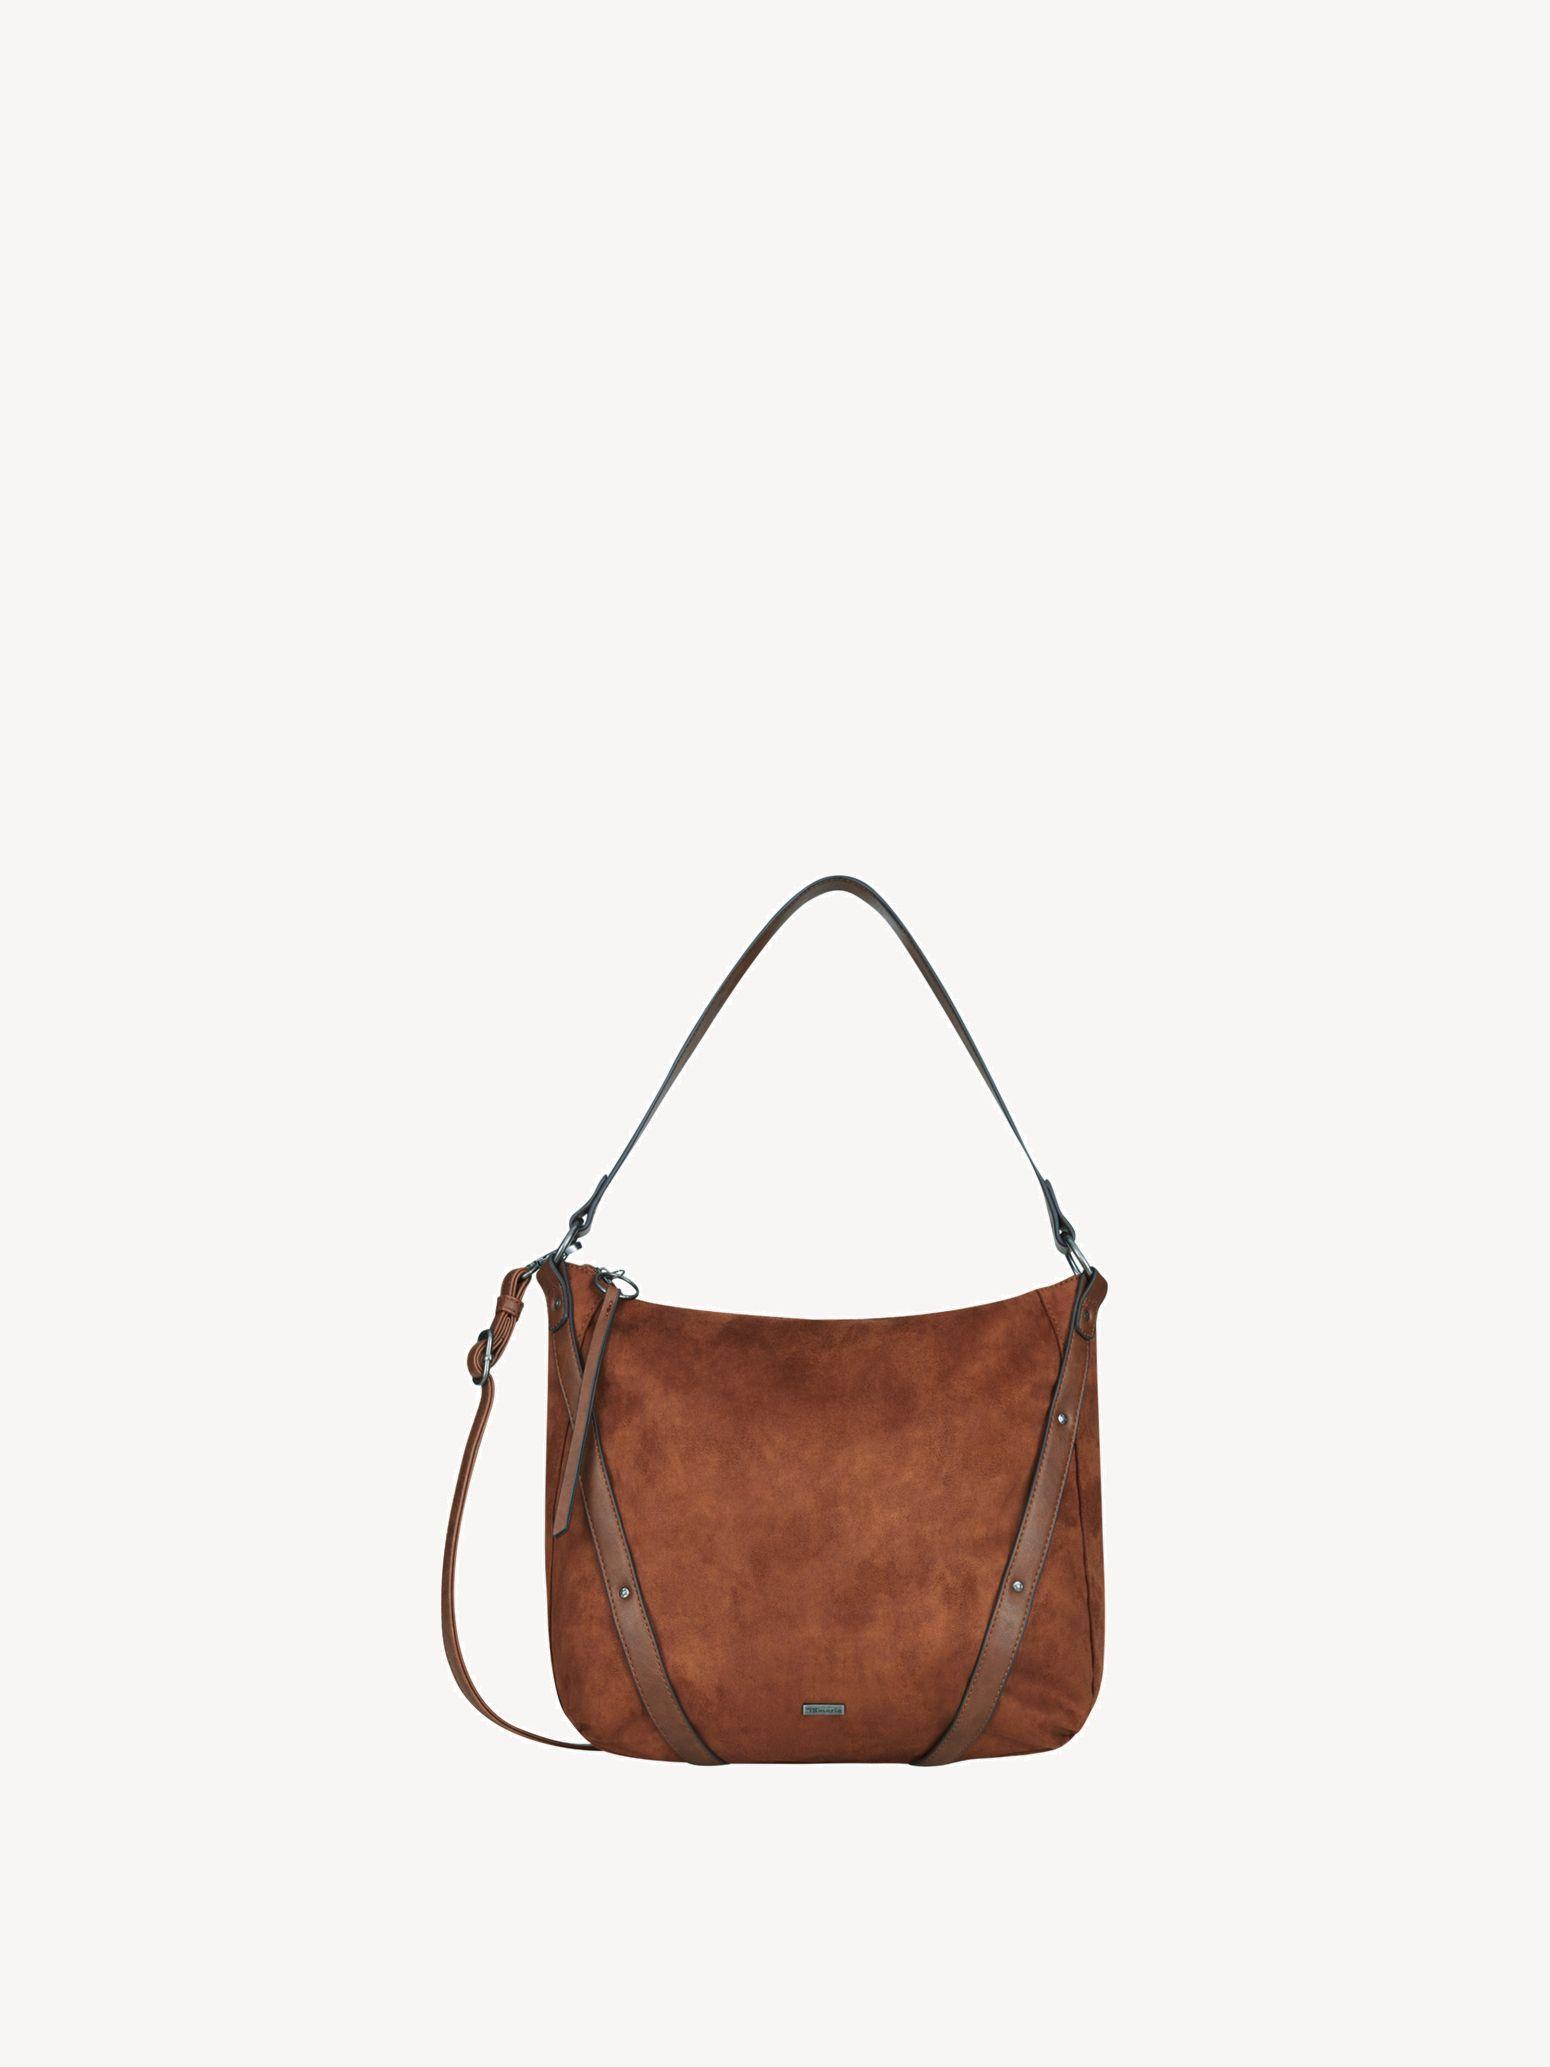 Satchel - brown